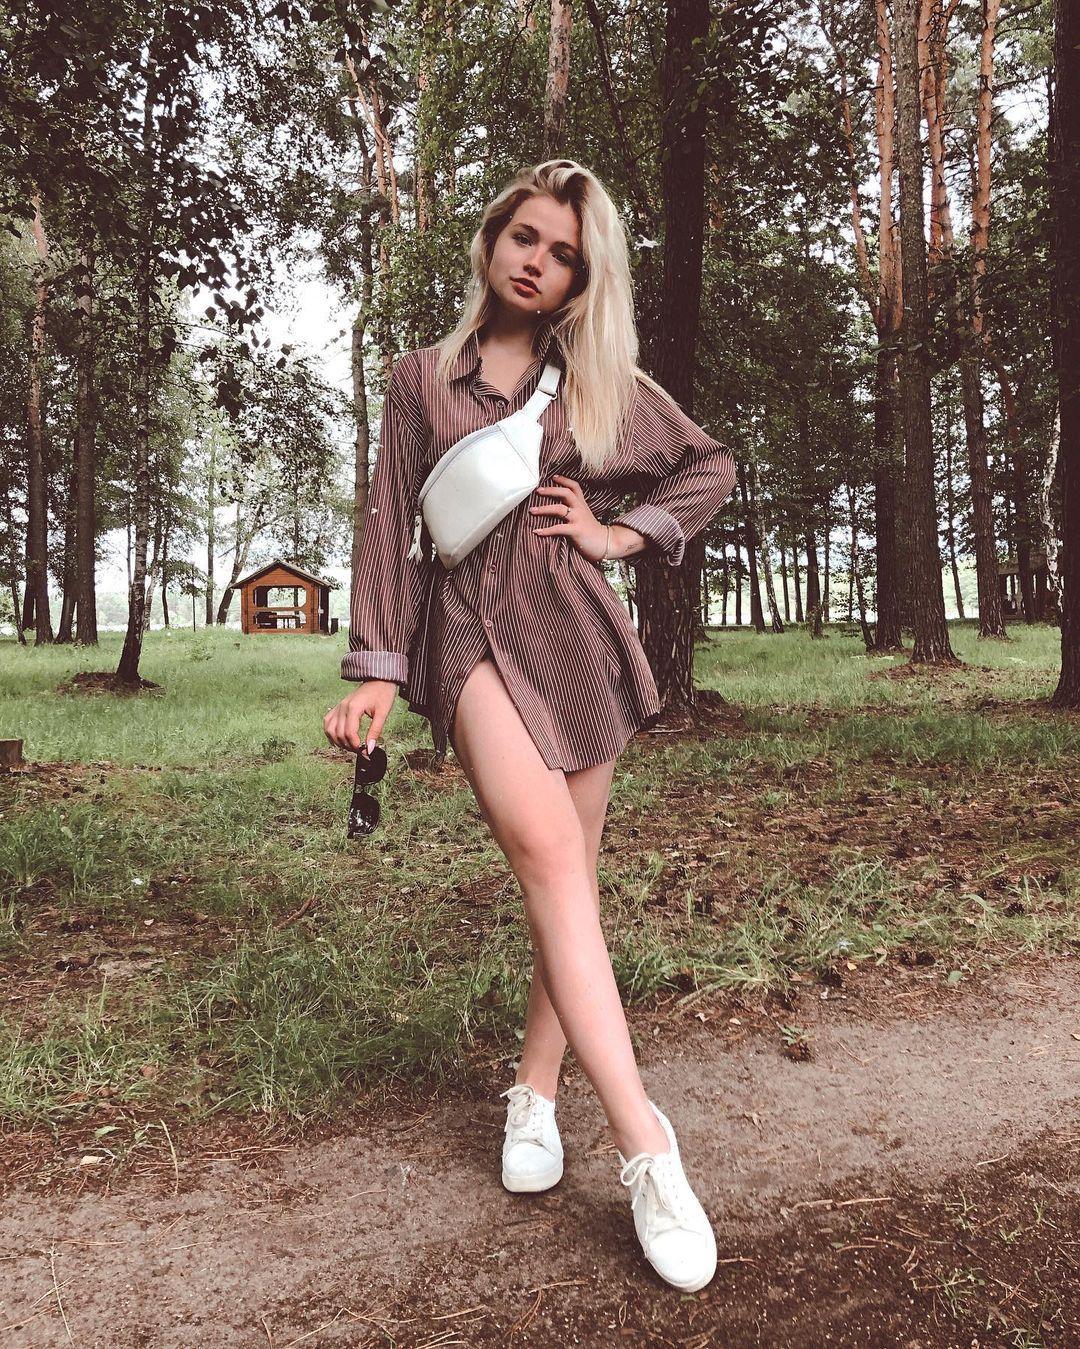 乌克兰妹总是不让人失望 时尚穿搭配高级颜... 个头娇小爆发名模气场 养眼图片 第8张